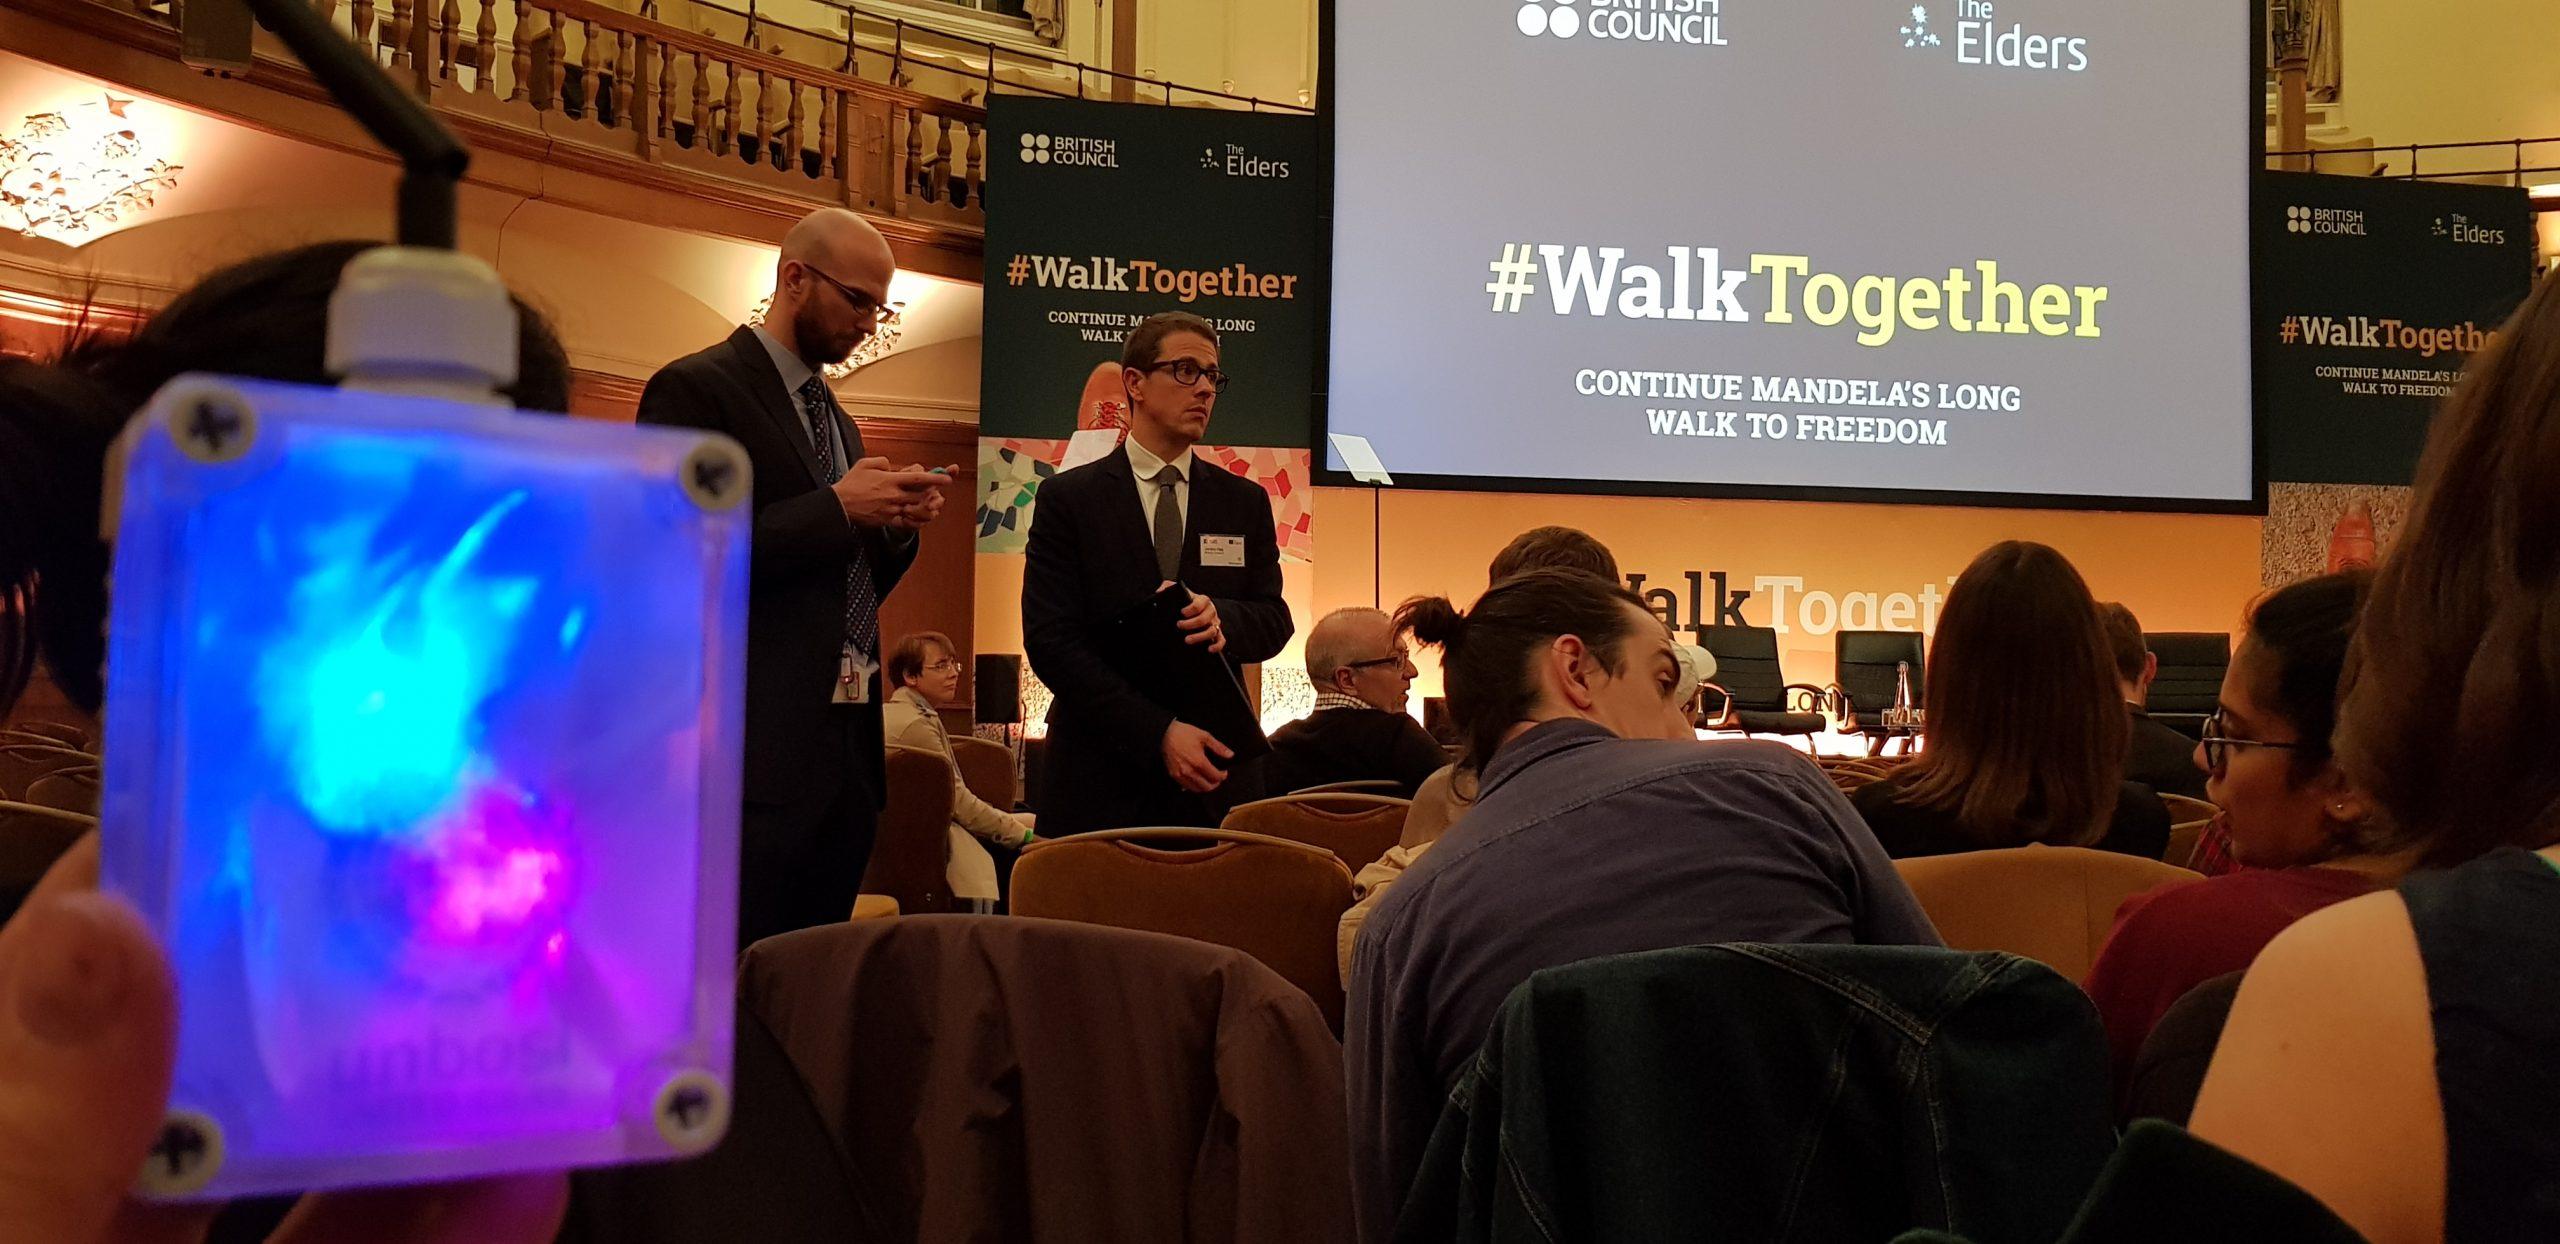 walktogether elders conference london 2017